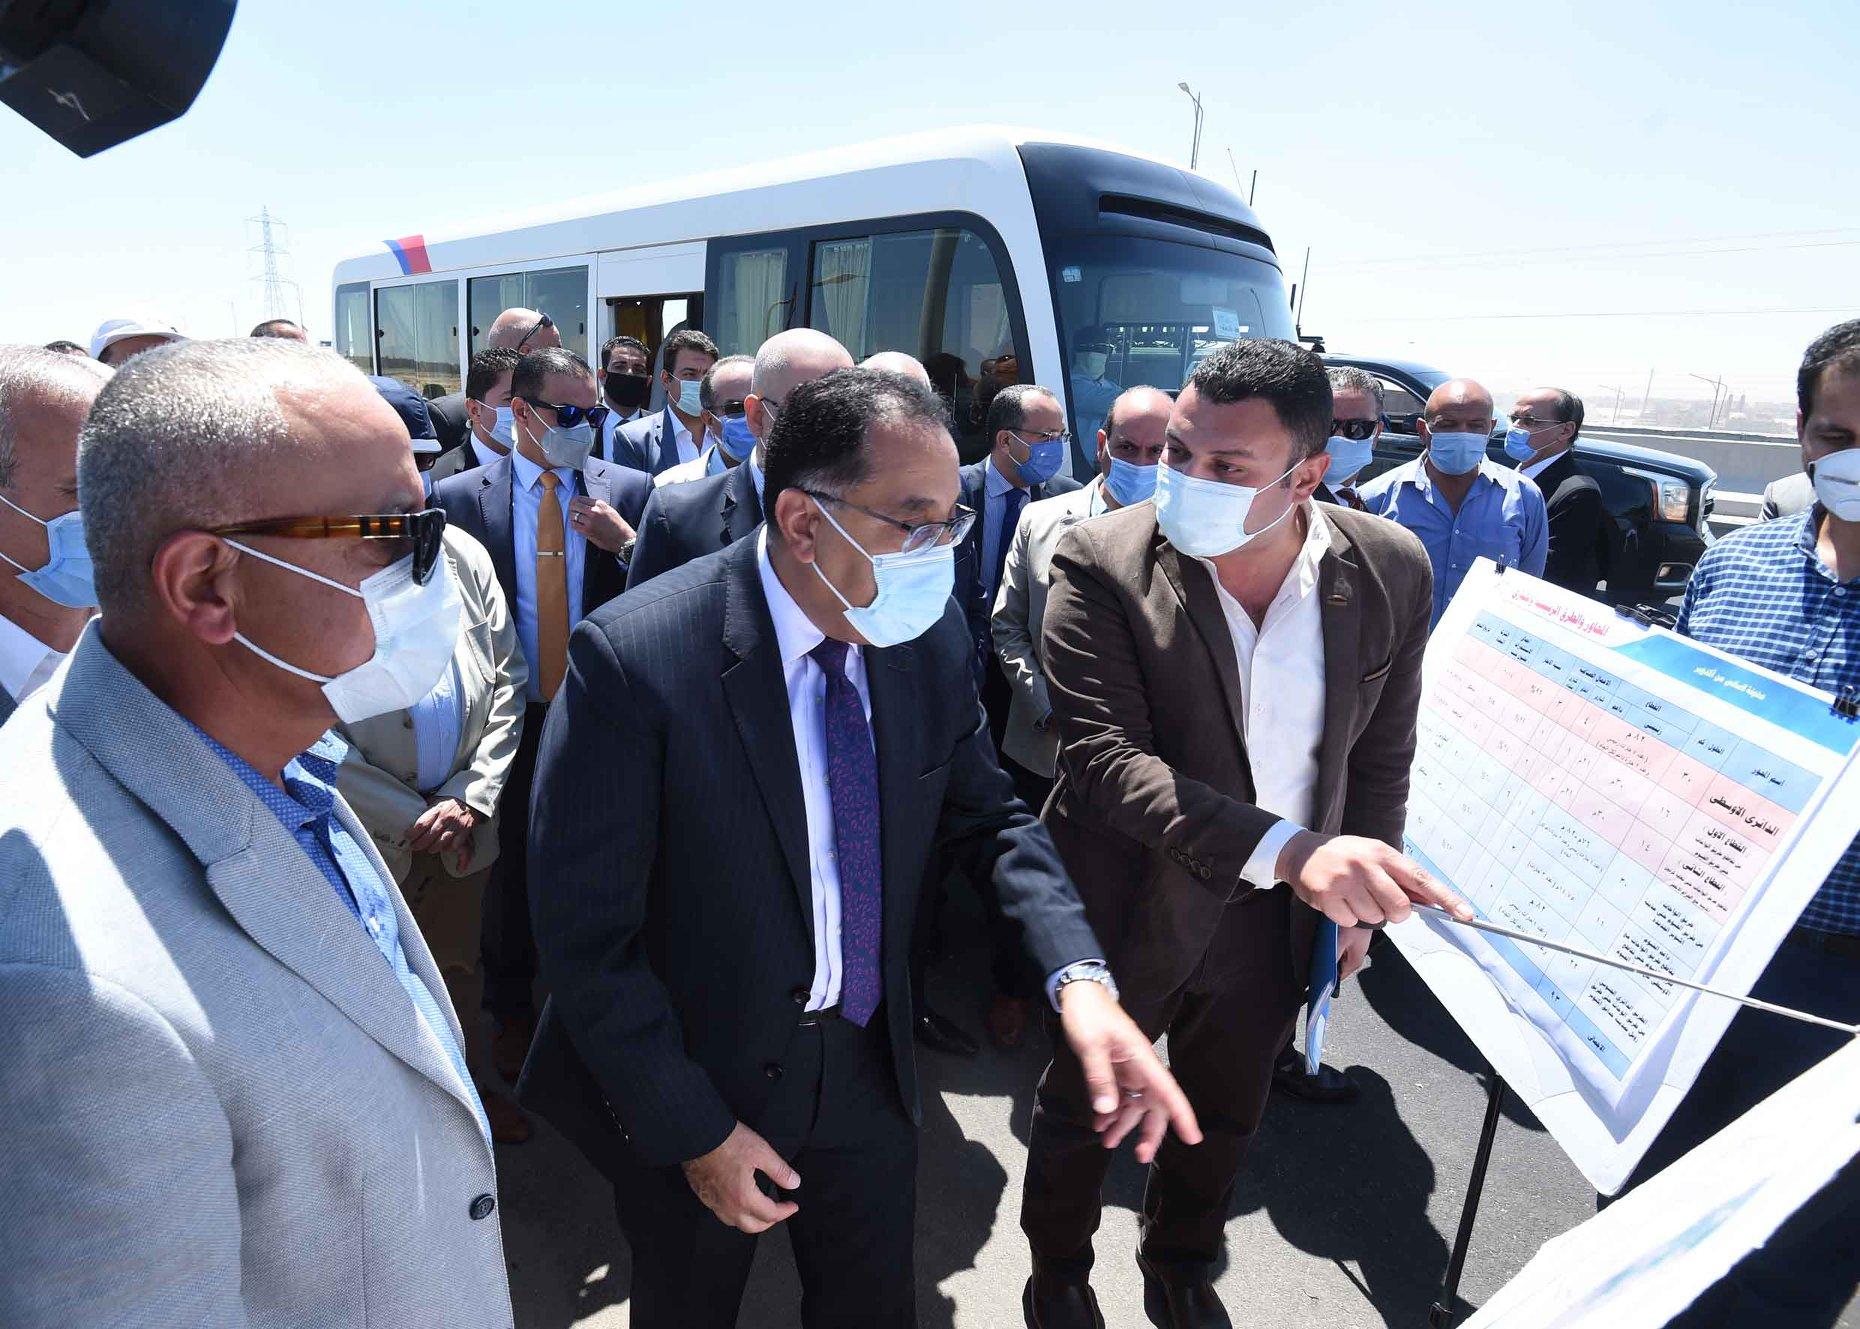 رئيس الوزراء : الانتهاء من الطريق الدائري الأوسطي قبل نهاية العام وننفذ محاور بالجيزة و6 أكتوبر